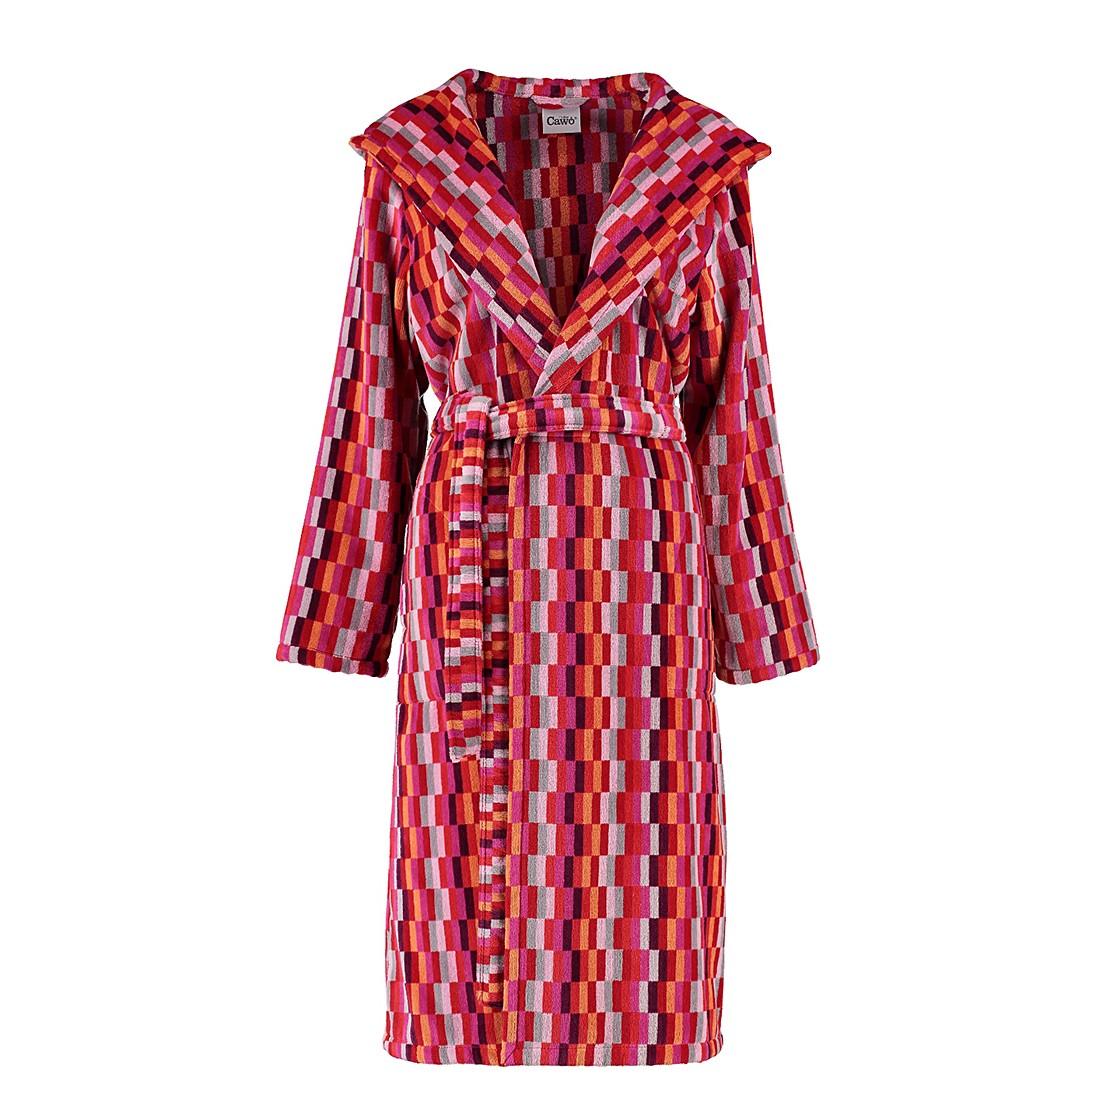 Bademäntel Damen Velours Life Style Flash 3404 – Baumwolle – Pink – S, Cawö online bestellen